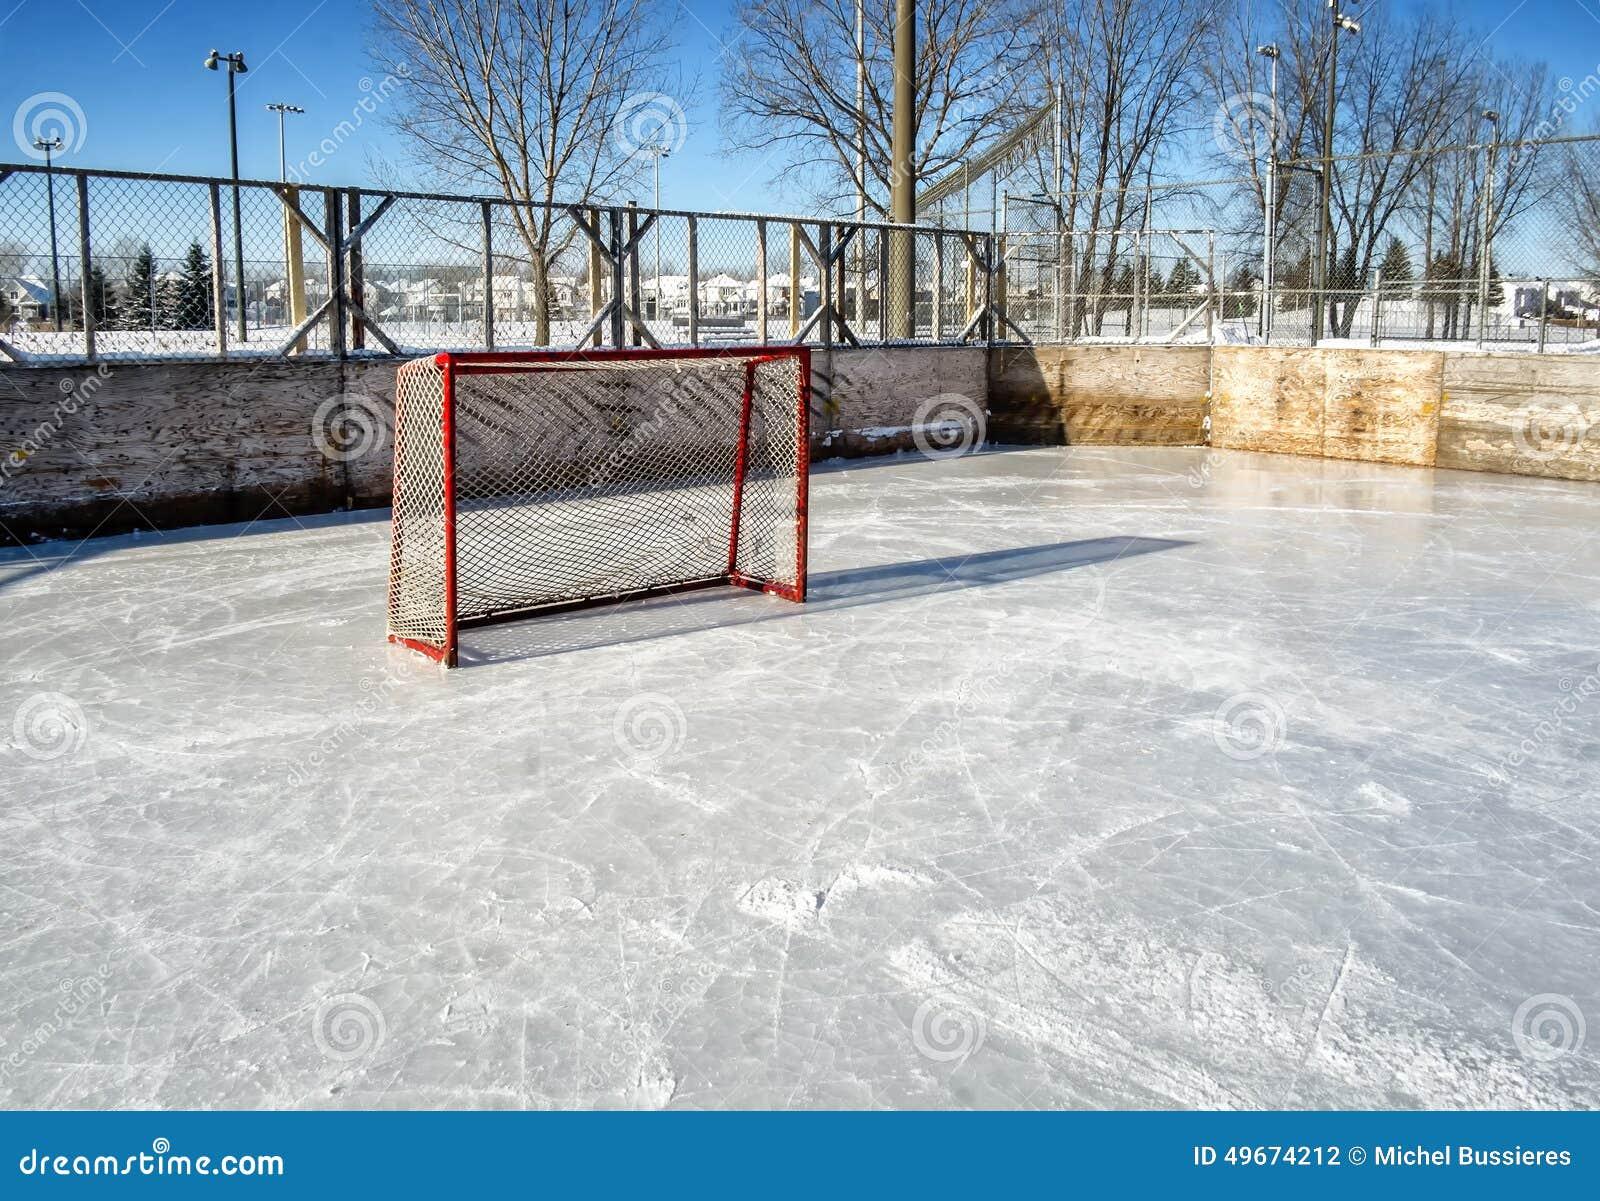 Outside hokejowy lodowisko